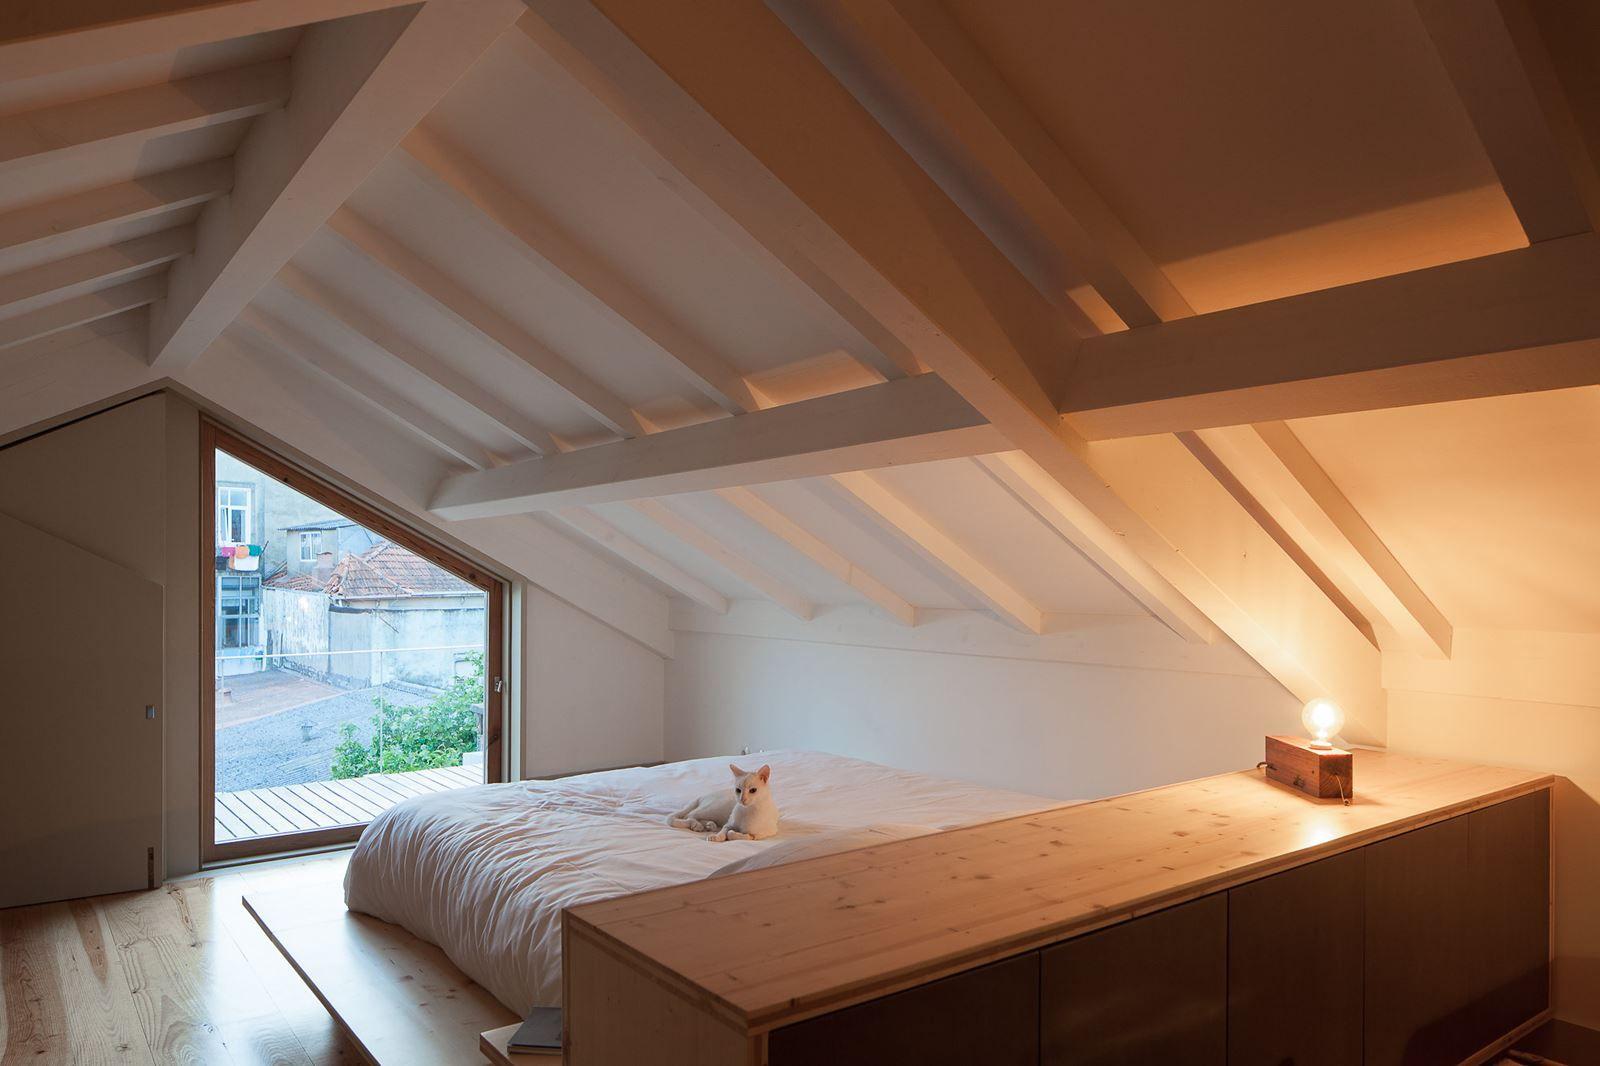 Come ricavare una camera da letto nel sottotetto | Soppalco, Notte e ...